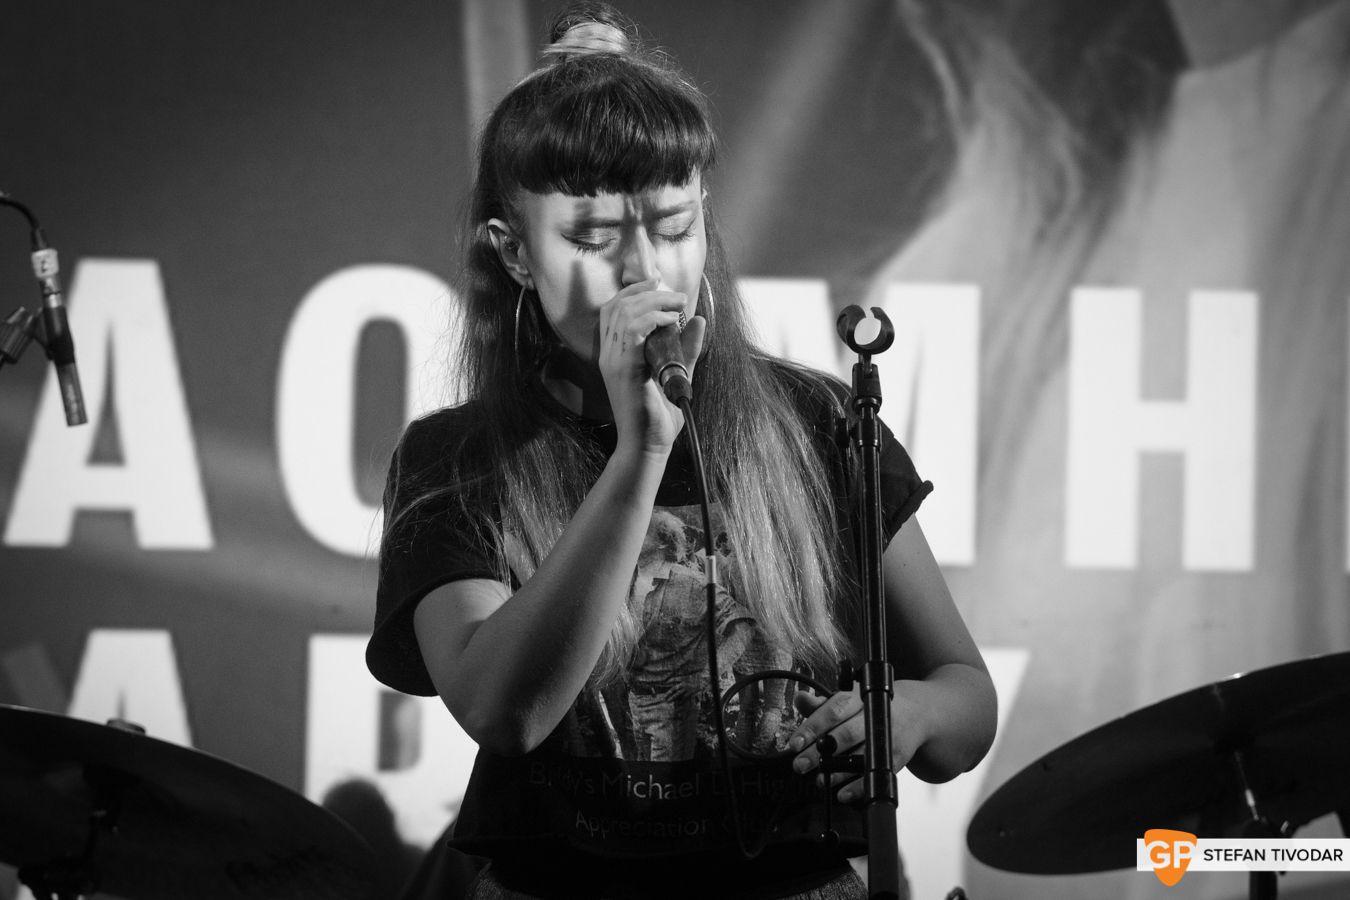 Caoimhe Barry GoldenPlec Bloc Party Jam 2018 Sugar Club 2